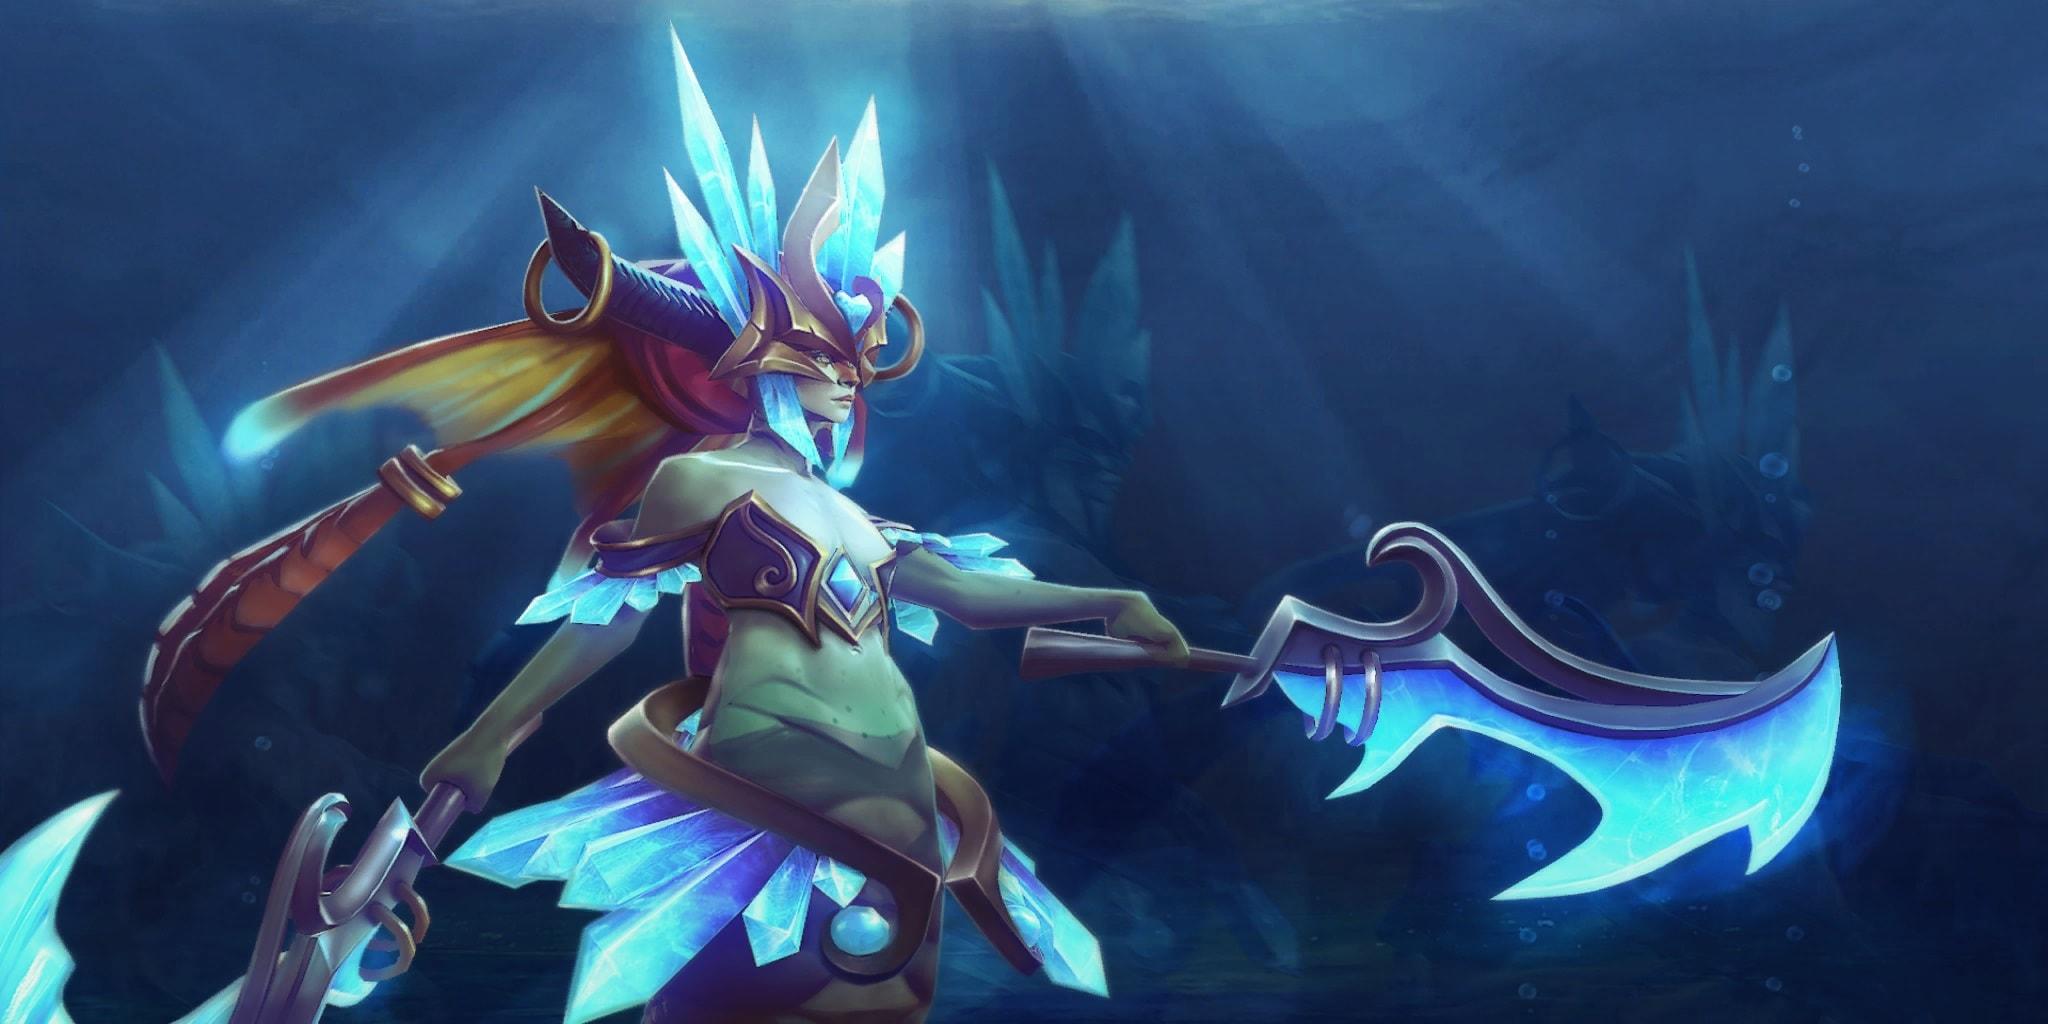 Dota2 : Naga Siren Desktop wallpapers